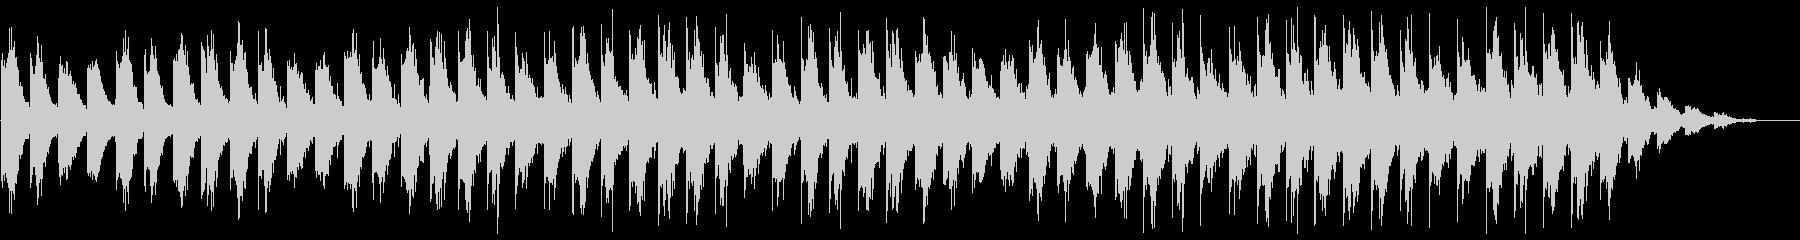 ピアノとギターの癒し系アンビエントの未再生の波形